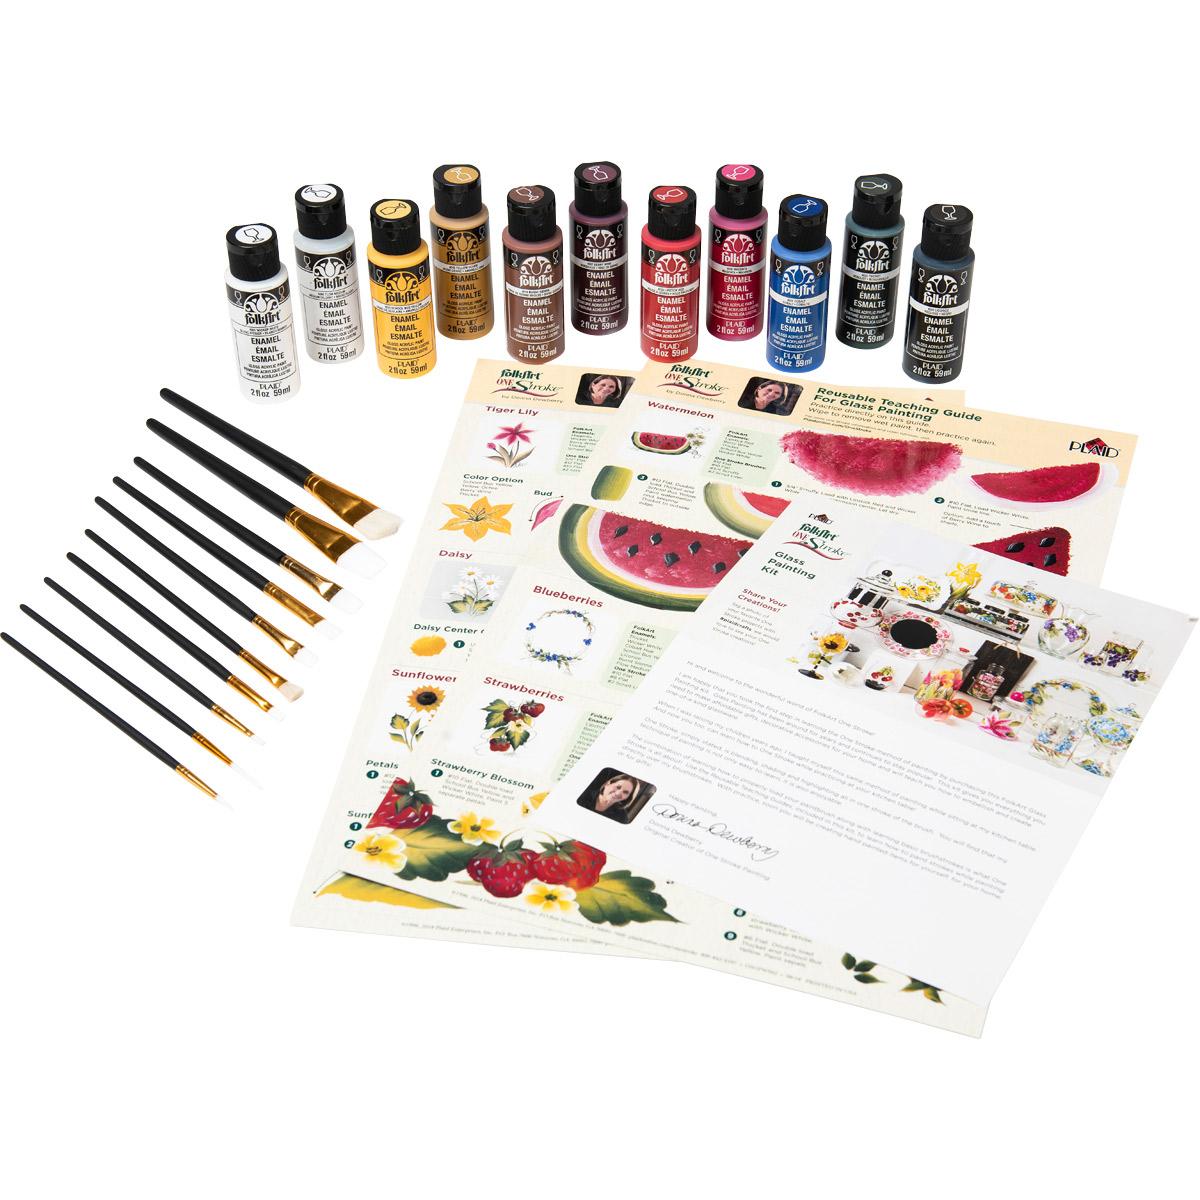 FolkArt ® One Stroke™ Enamels™ Glass Painting Kit - 99210